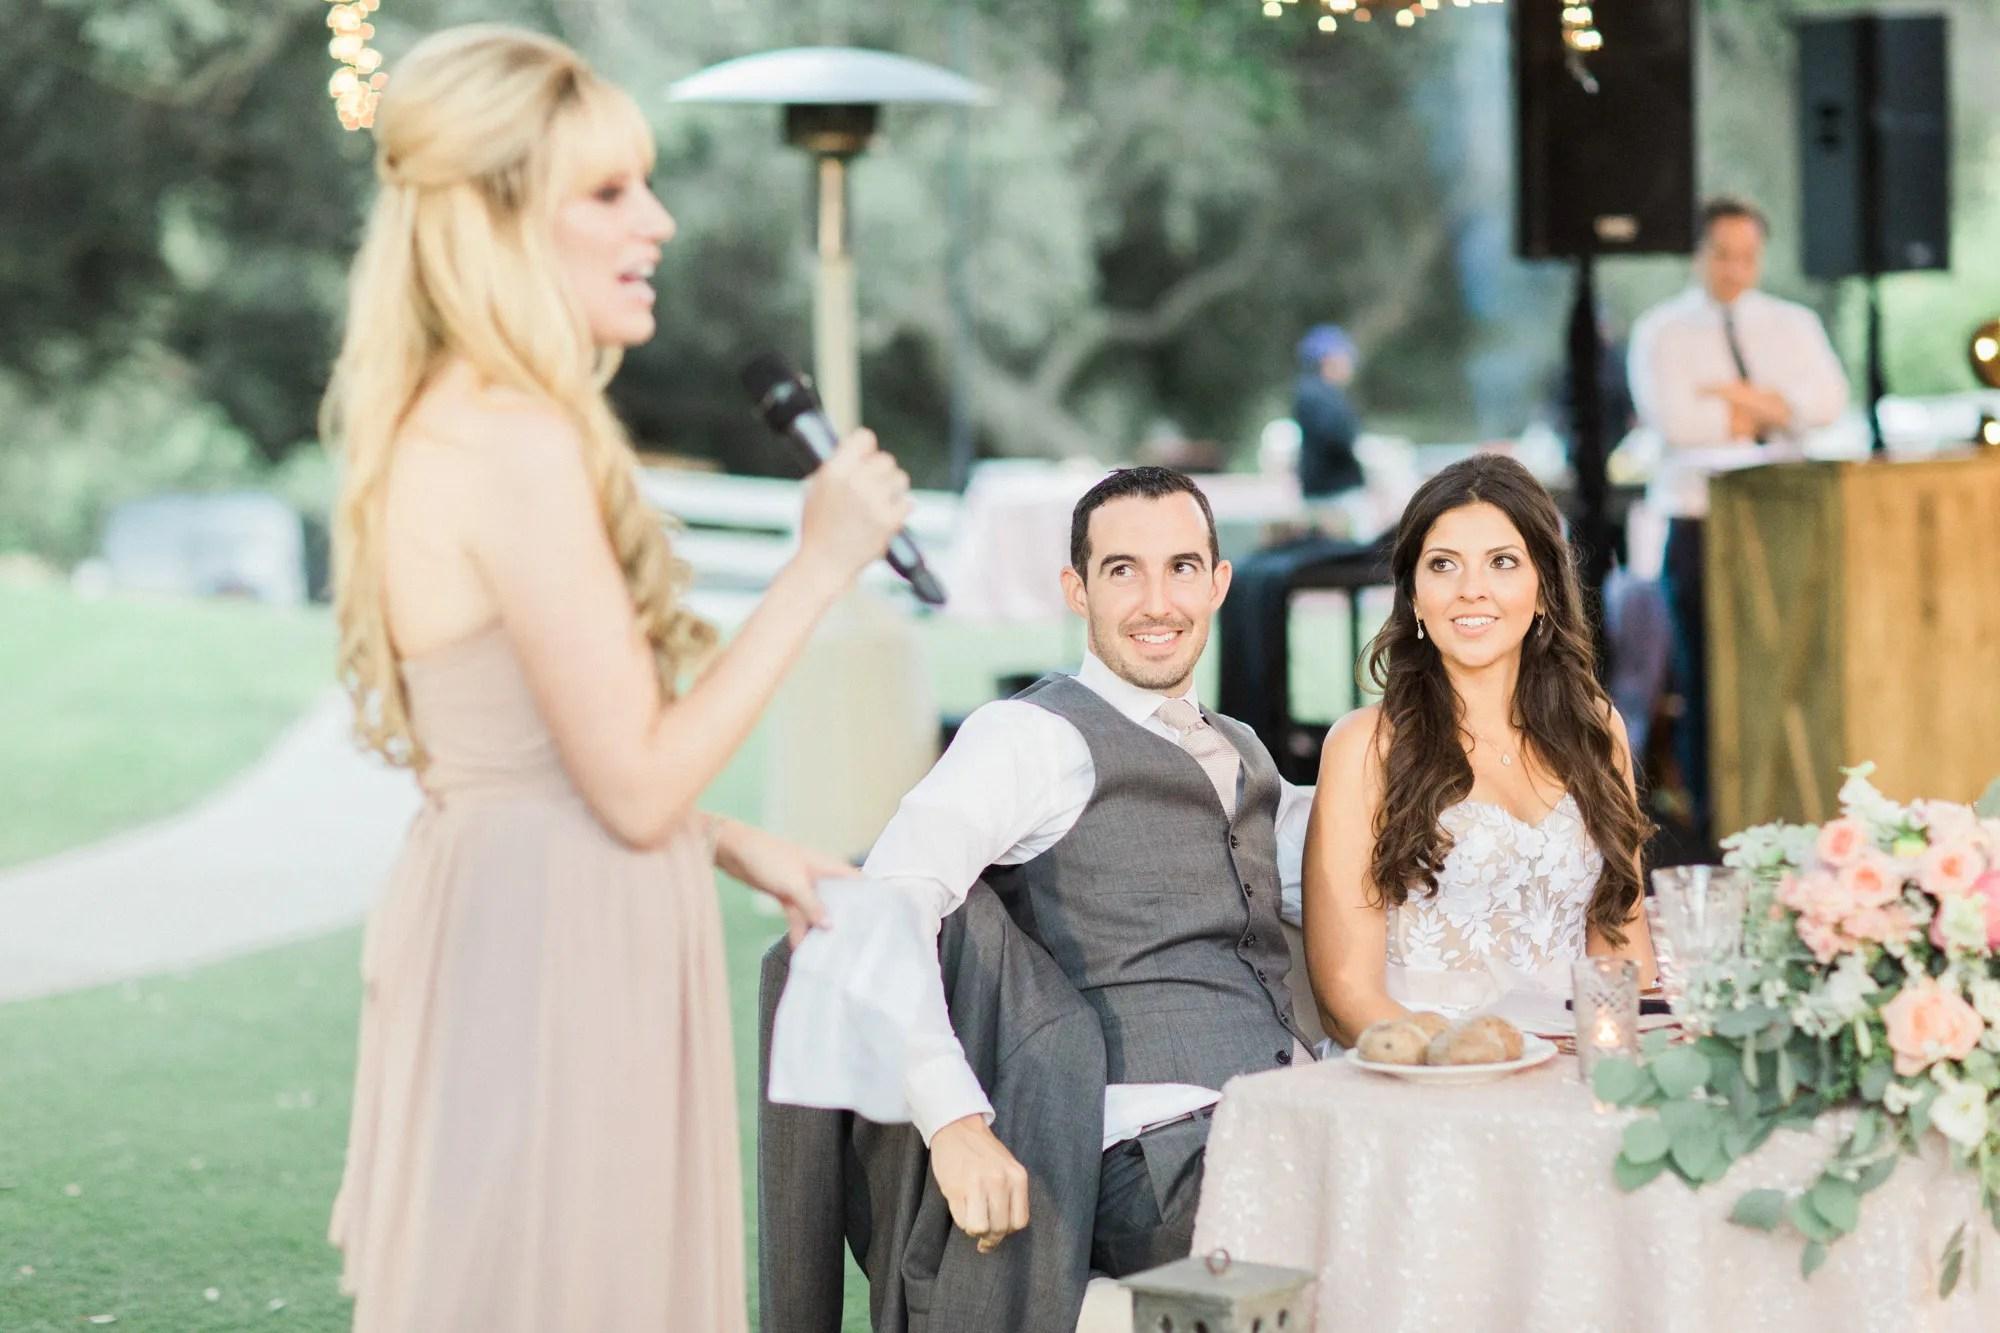 jpr weddings how to